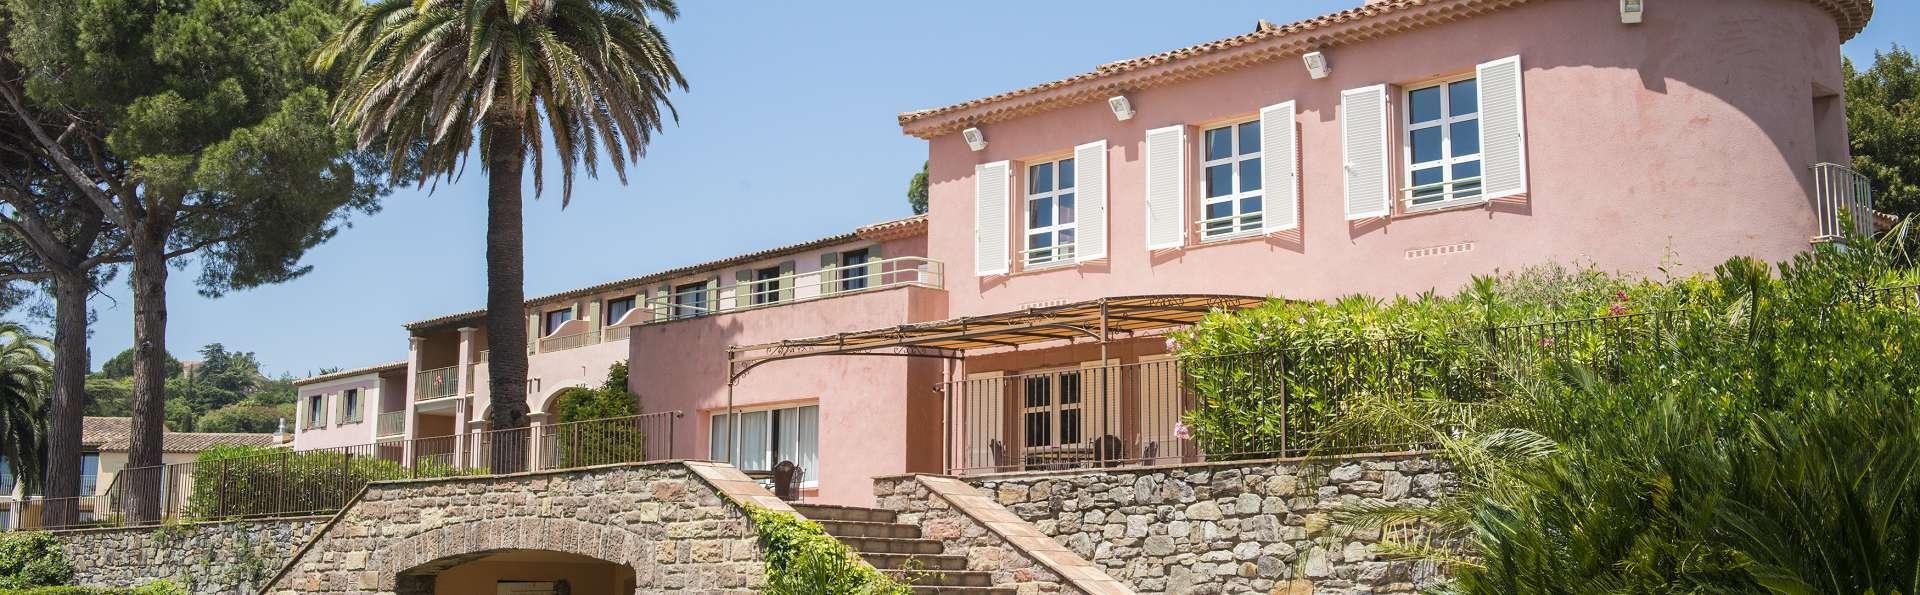 Hôtel Les Jardins De Sainte-Maxime 3* - Sainte-Maxime, France intérieur Hotel Les Jardins De Sainte Maxime